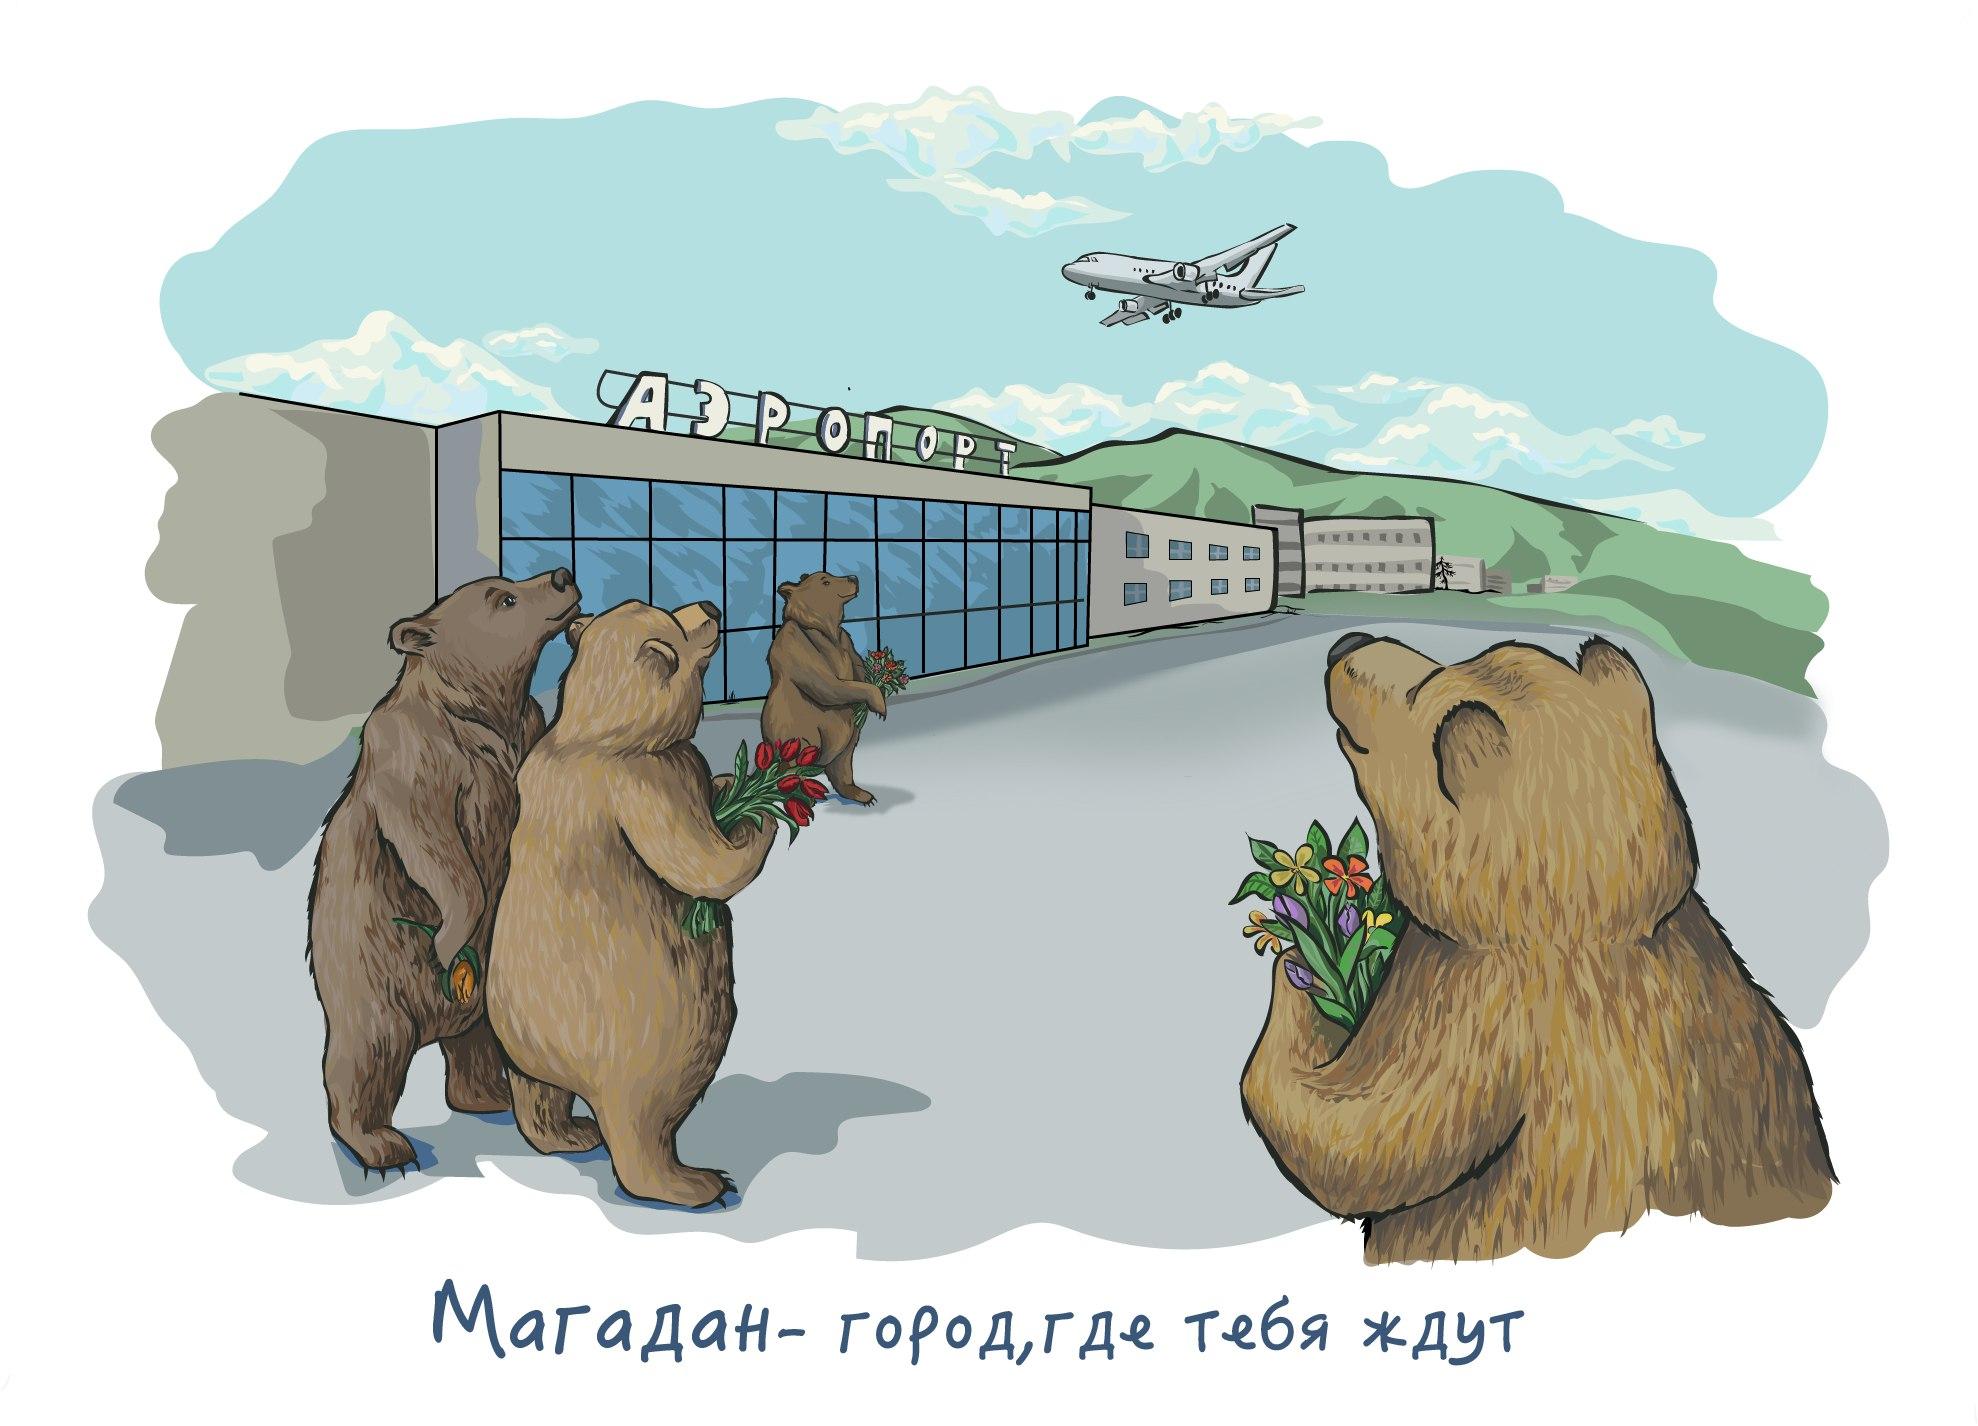 Крутые картинки, открытки прикольные медведь